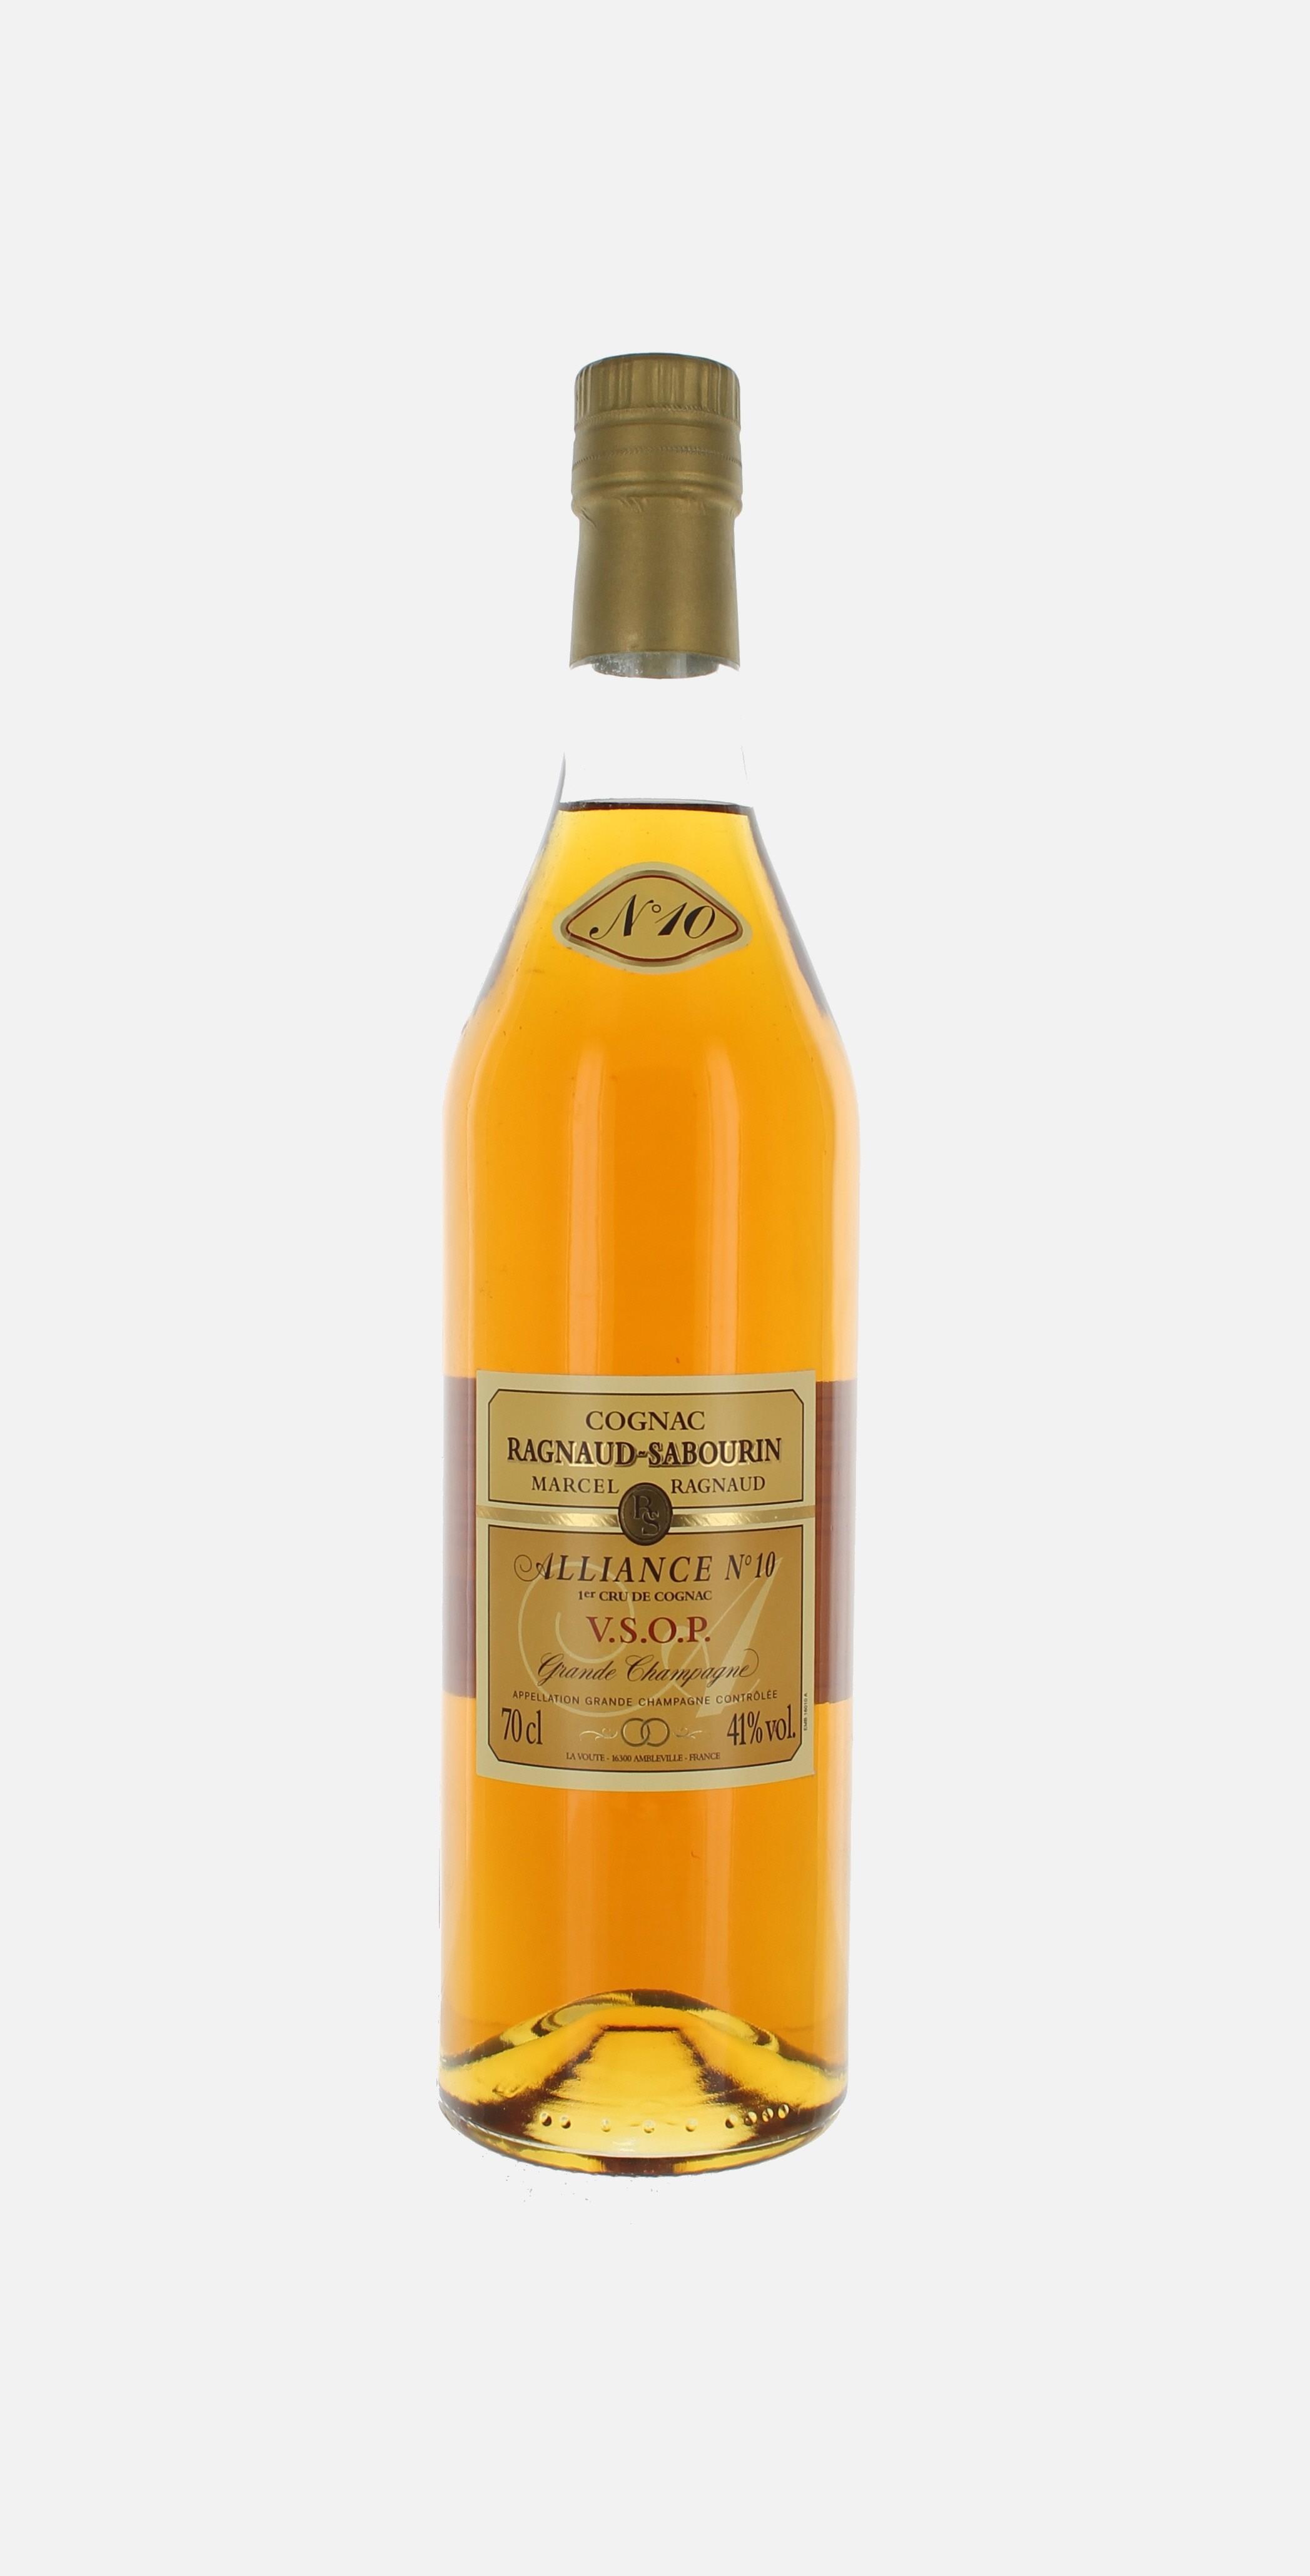 Ragnaud-Sabourin VSOP N°10, Cognac